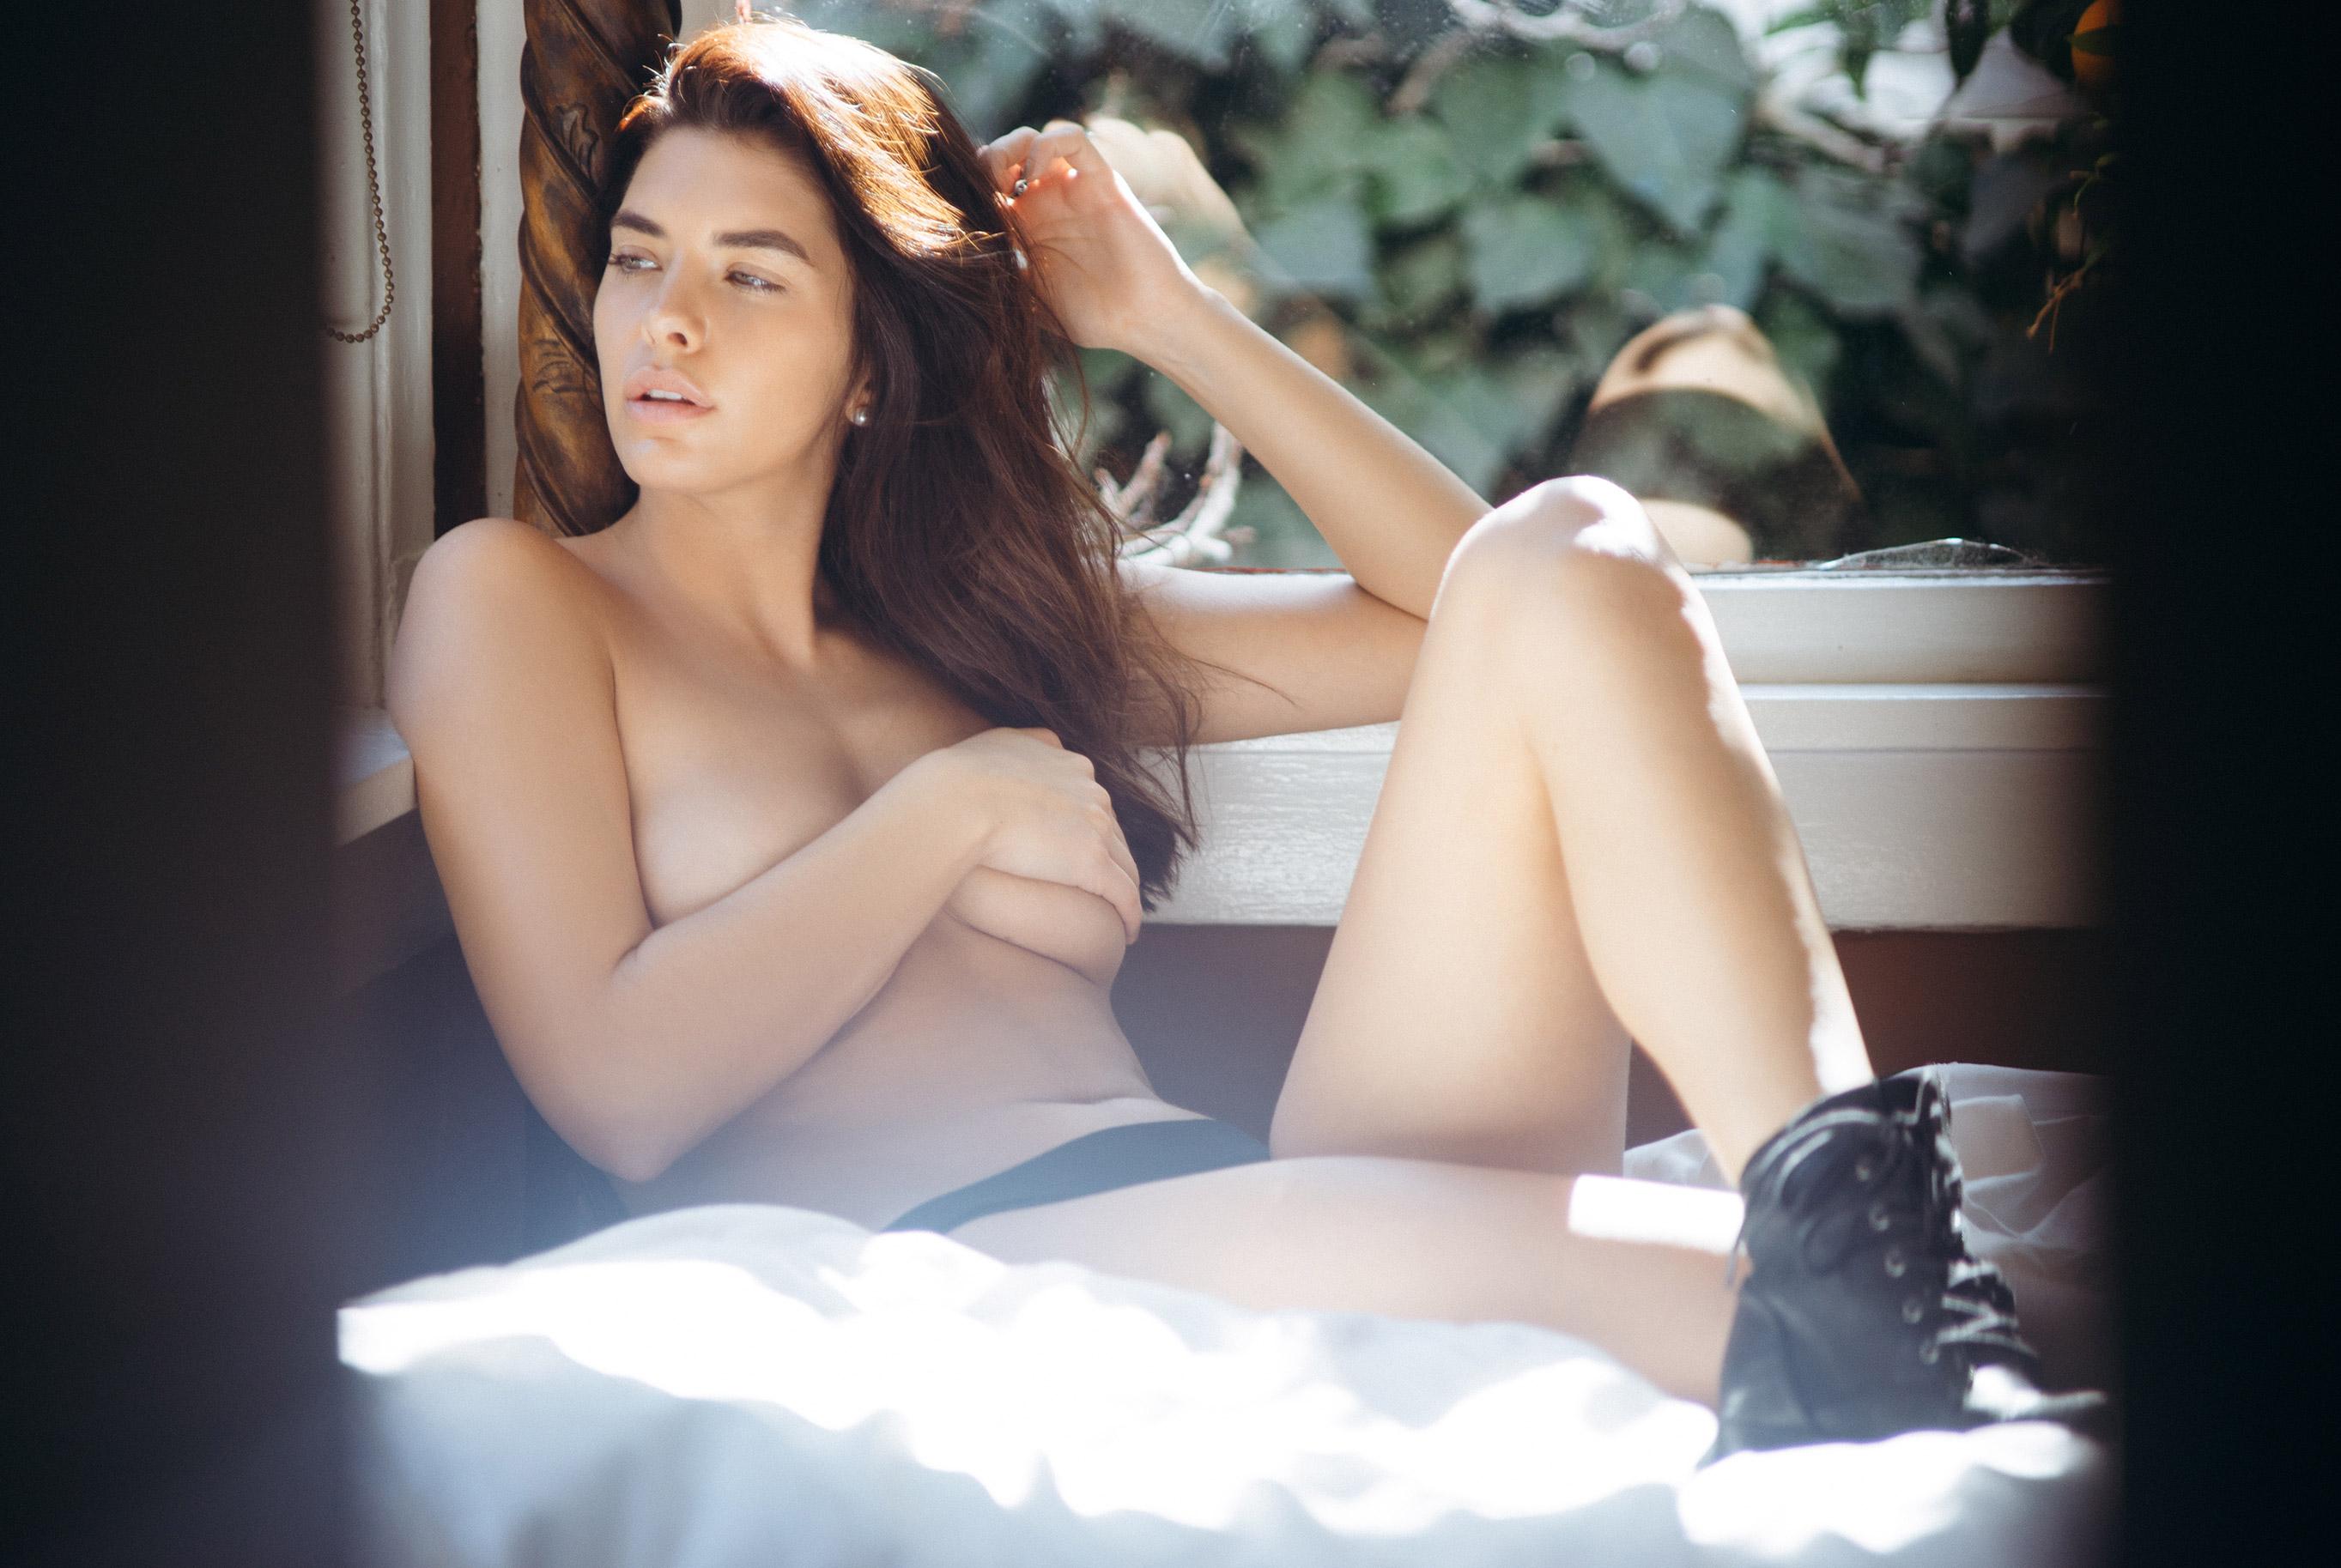 Jasmine Alleva by Ben Tsui - Playboy online